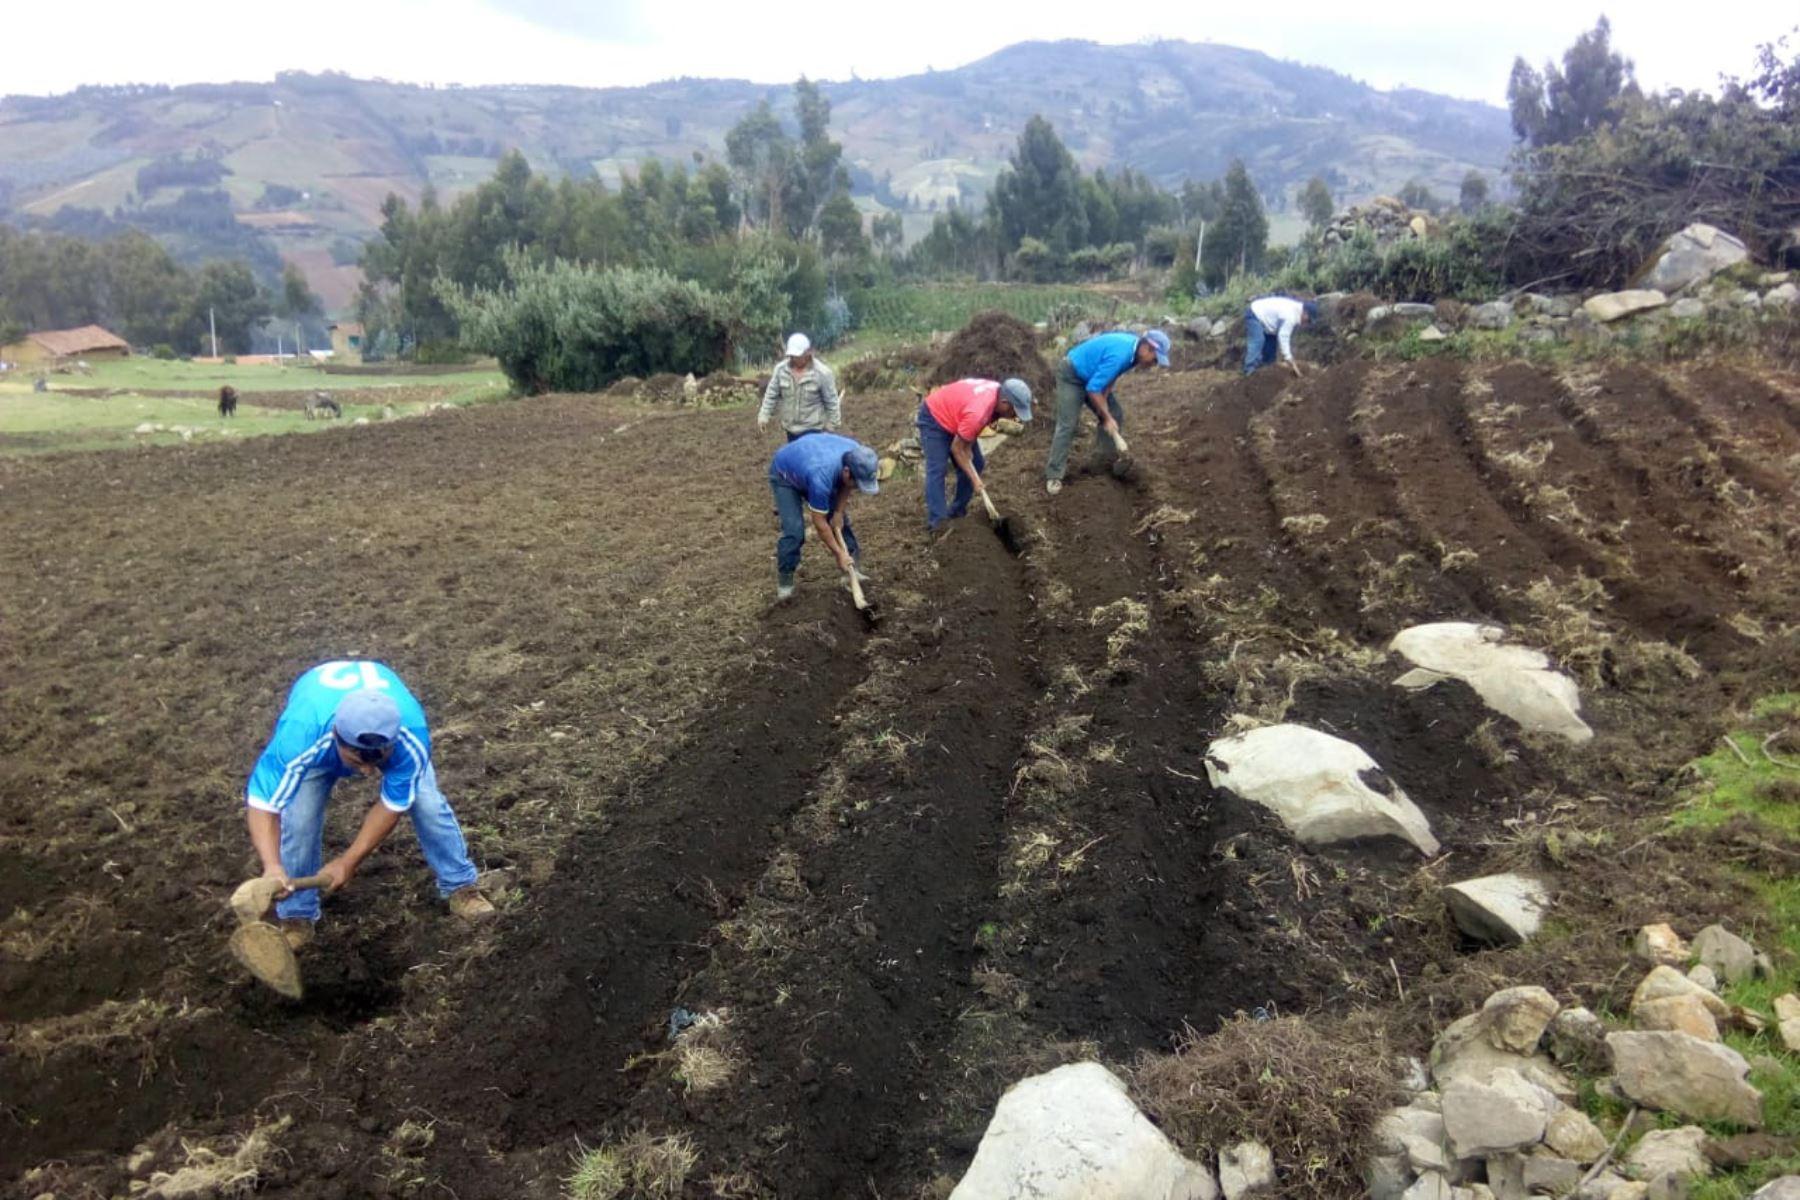 Los derechos fundamentales o bienes jurídicos constitucionales se afectan cuando el Estado abandona la agricultura campesina